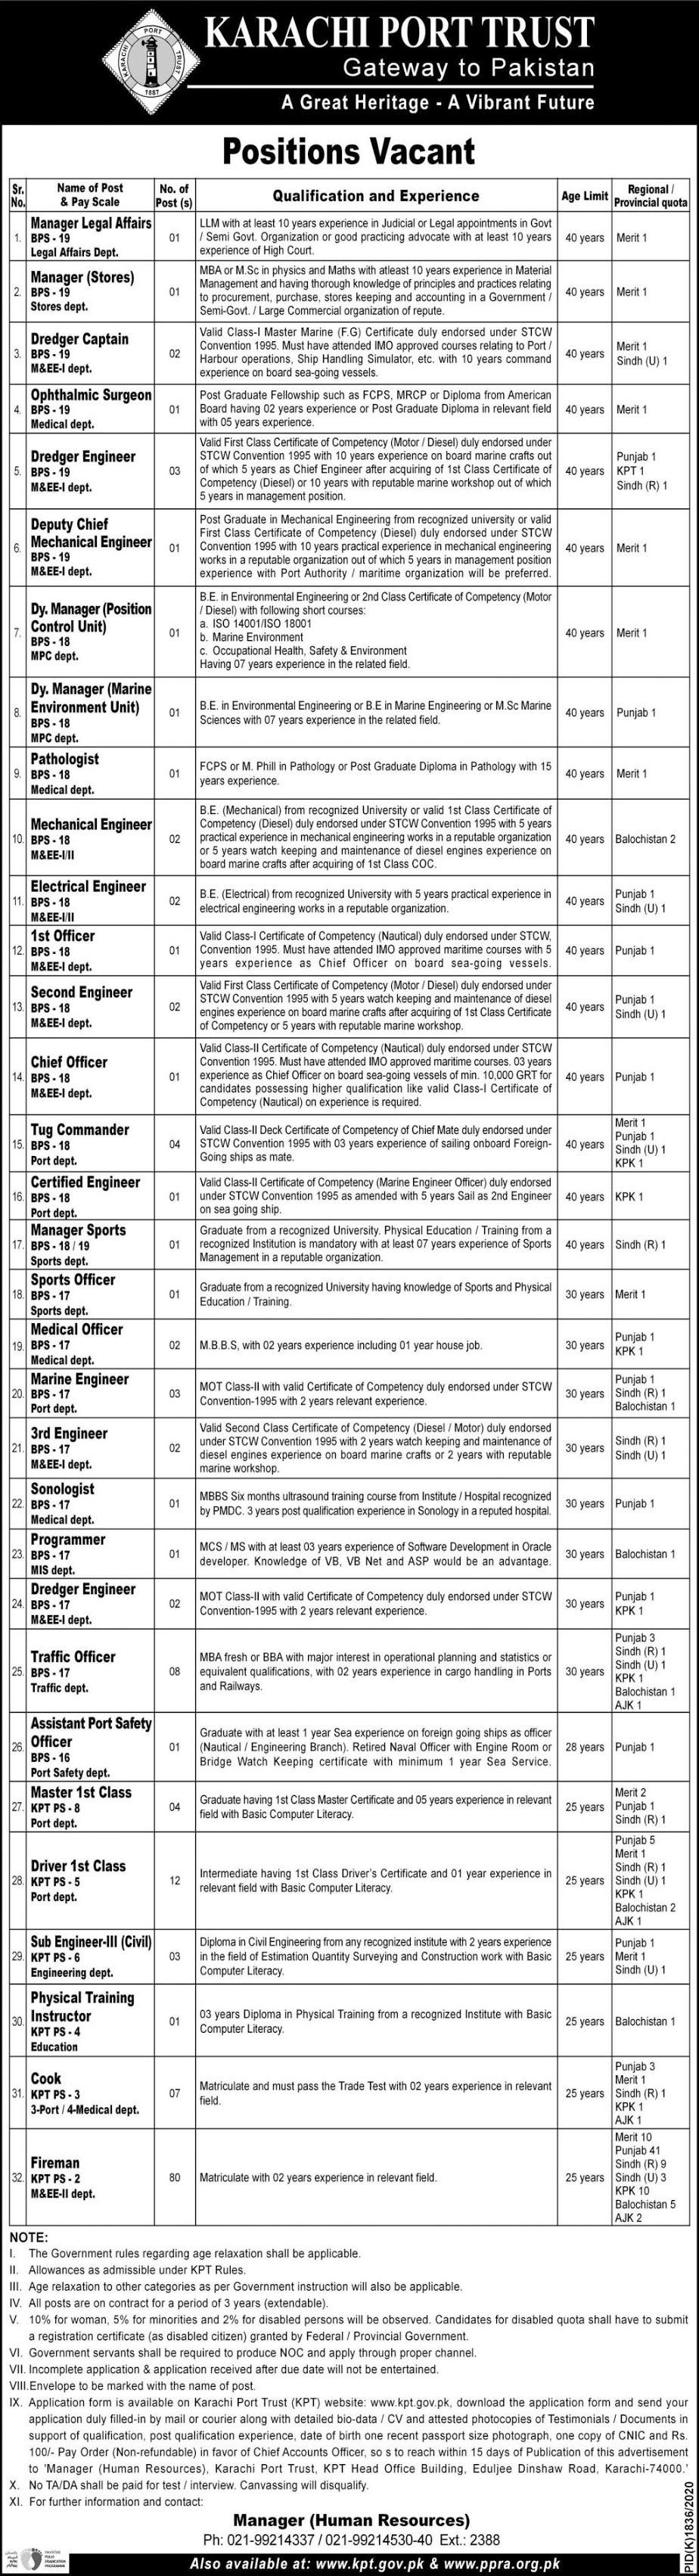 Download KPT Jobs 2021 Application Form - www.kpt.gov.pk - Karachi Port Trust Jobs 2021 - KPT Jobs 2021 - Karachi Port Trust KPT Jobs 2021